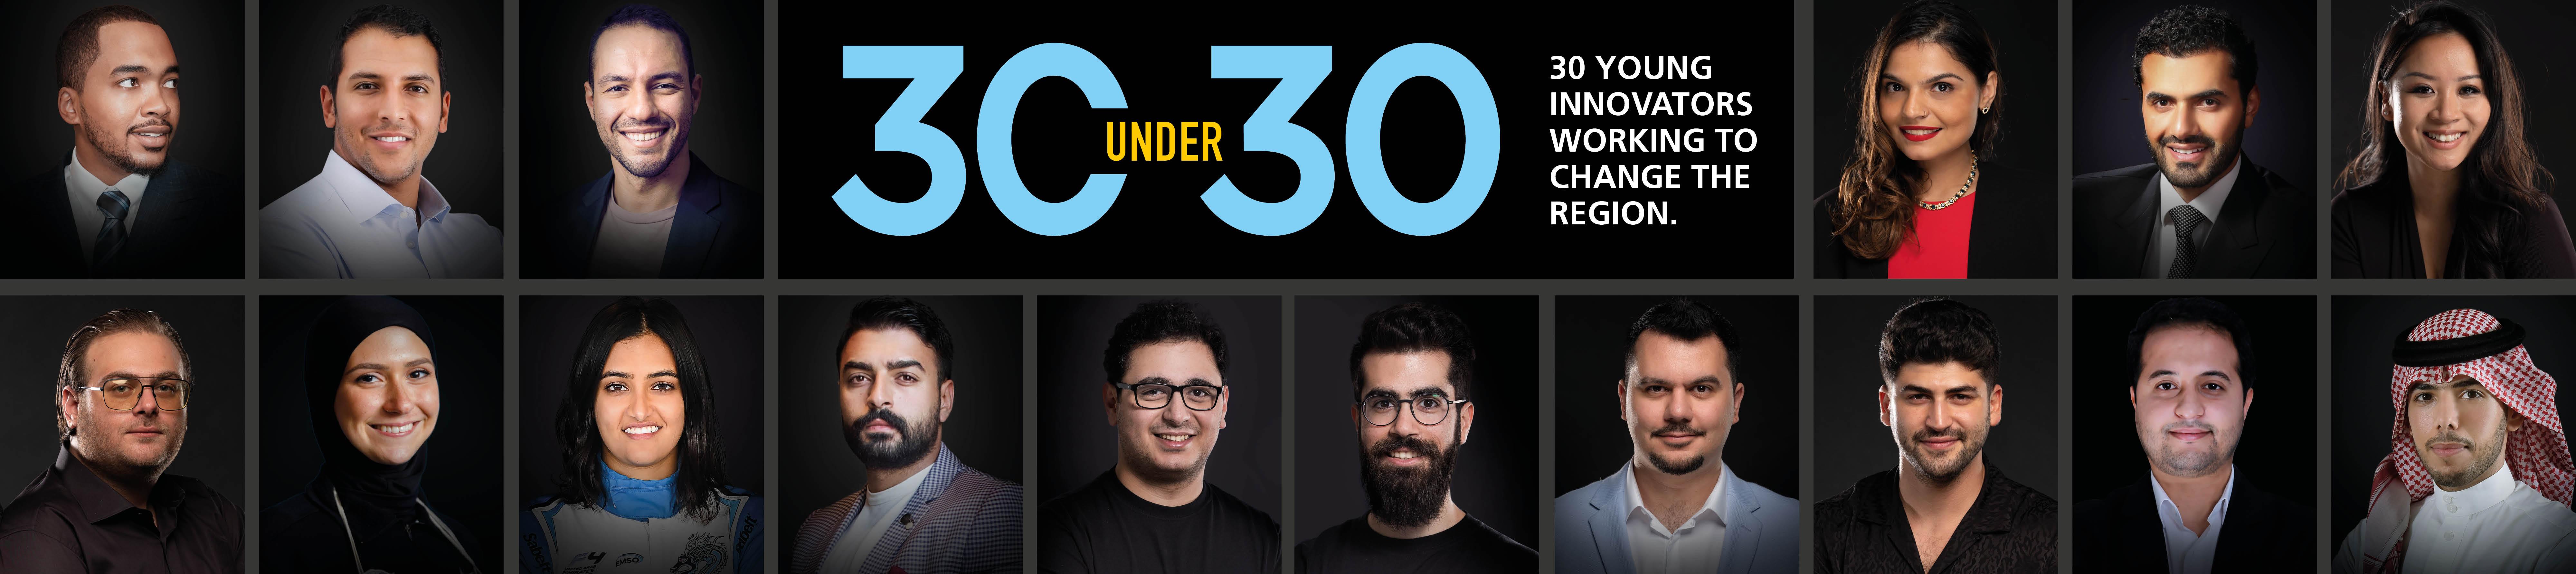 30 Under 30 - 2020